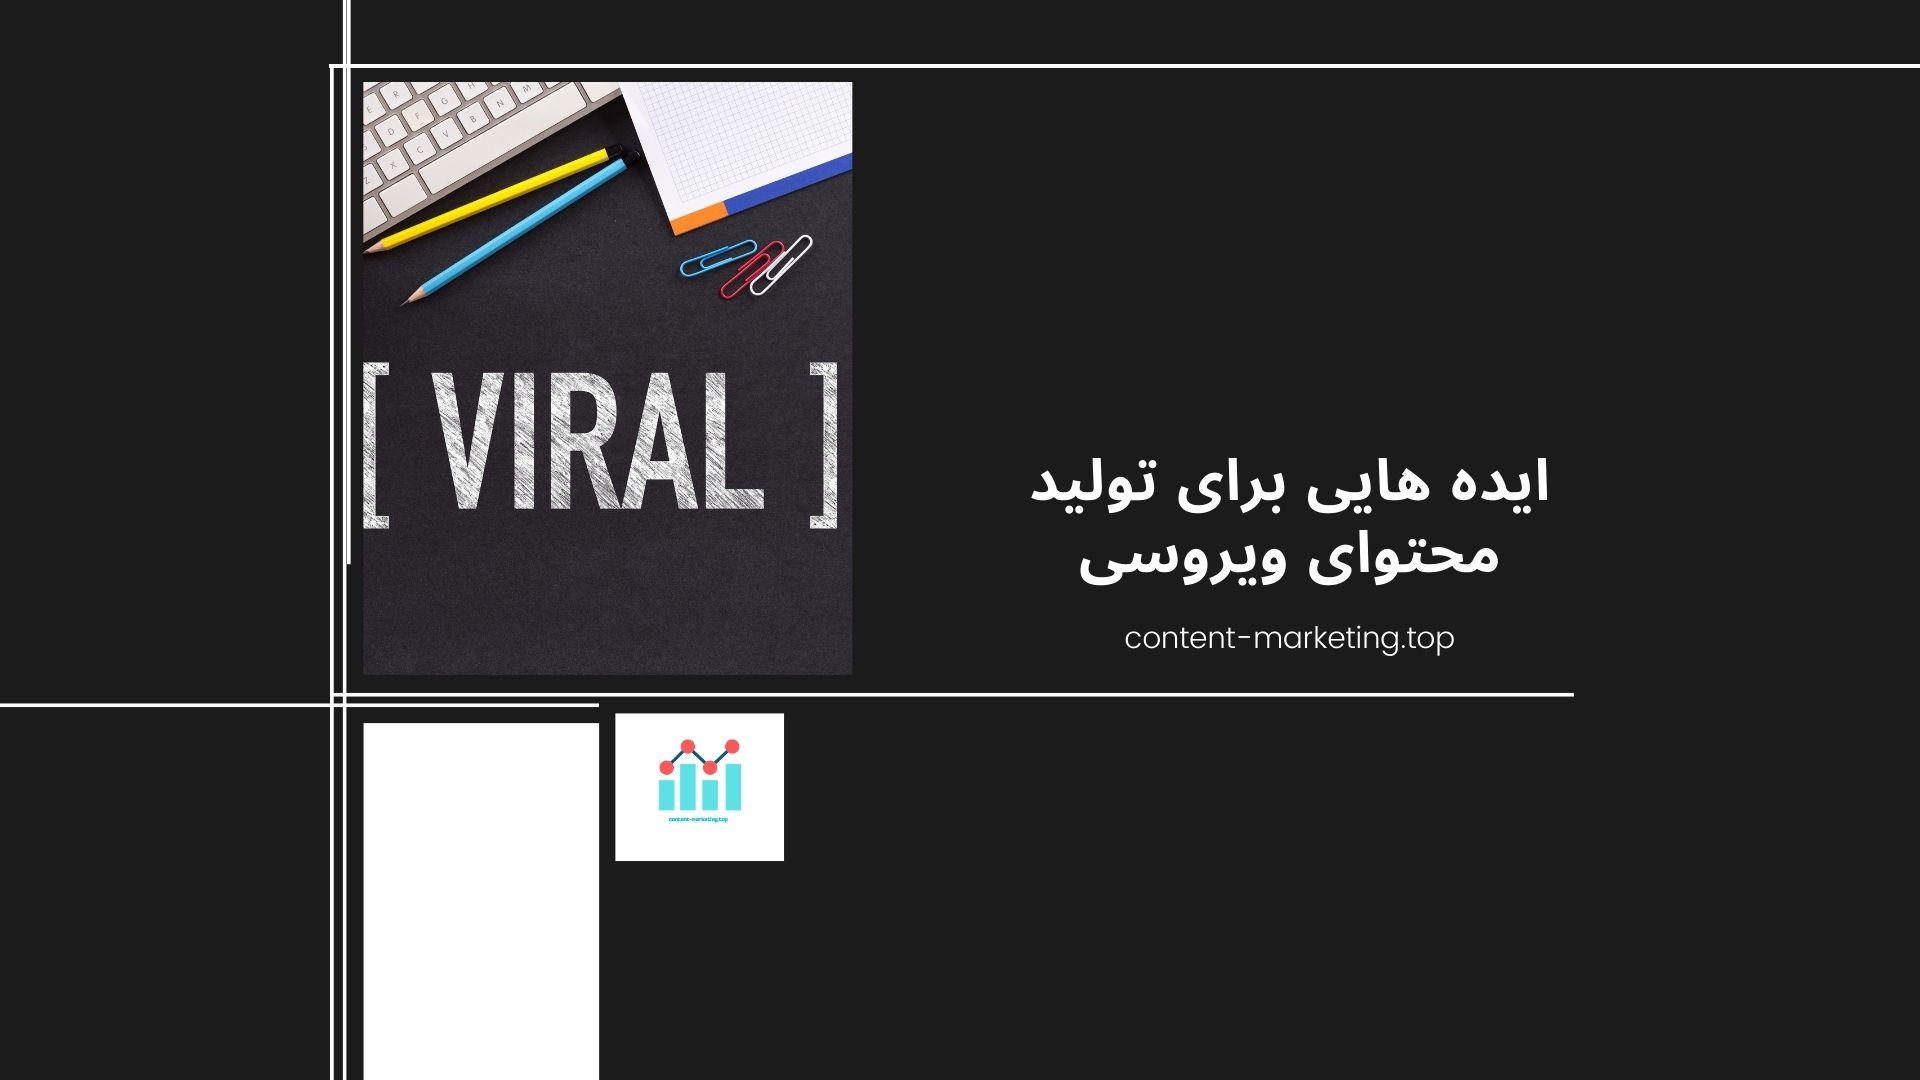 ایده هایی برای تولید محتوای ویروسی